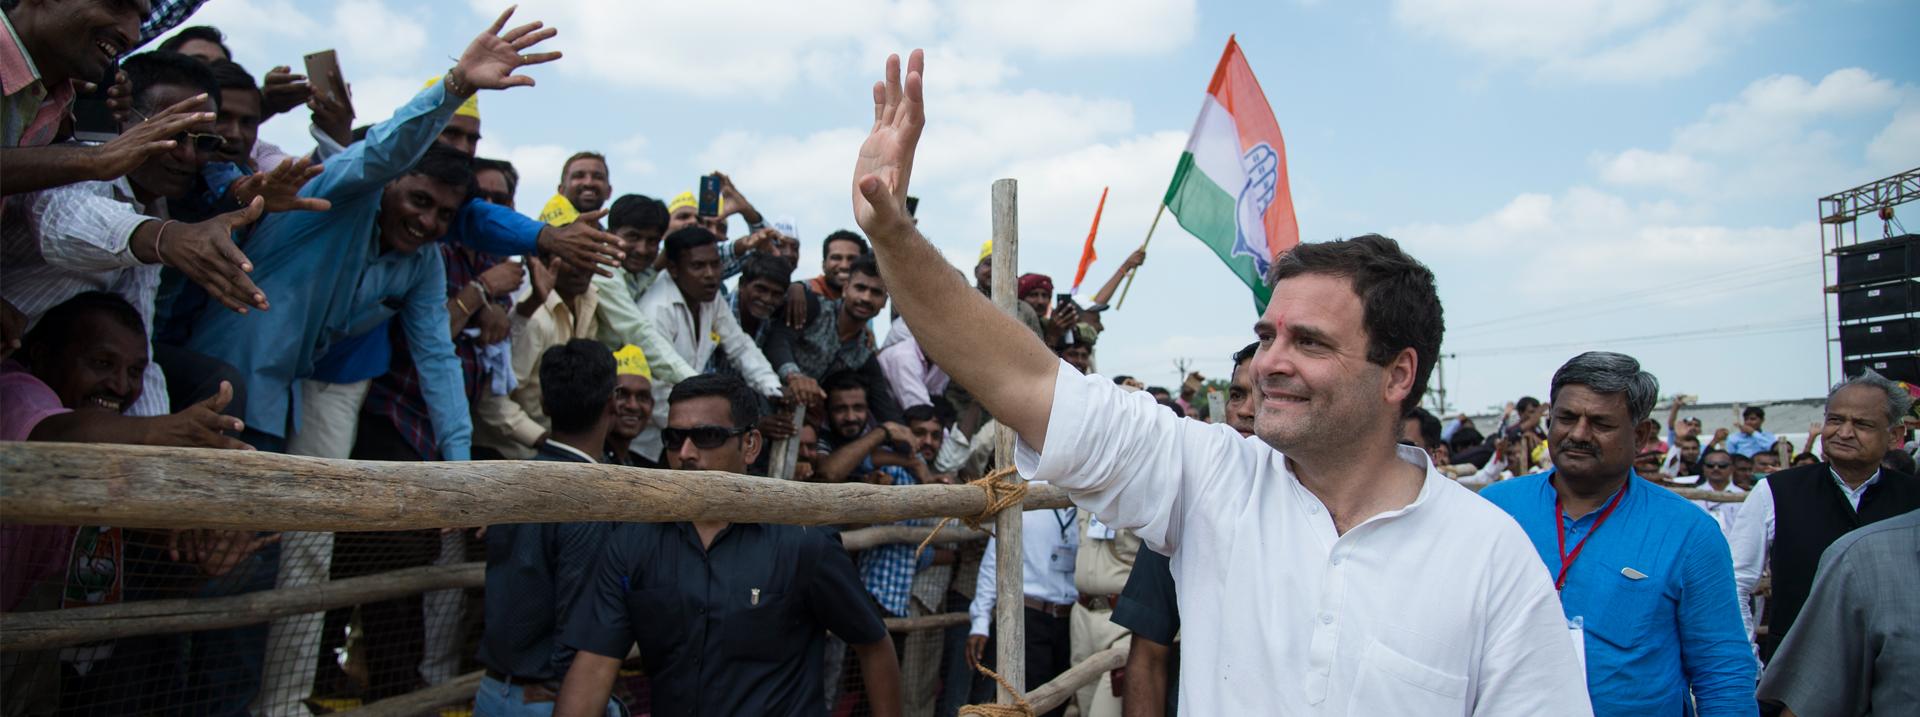 About Rahul Gandhi